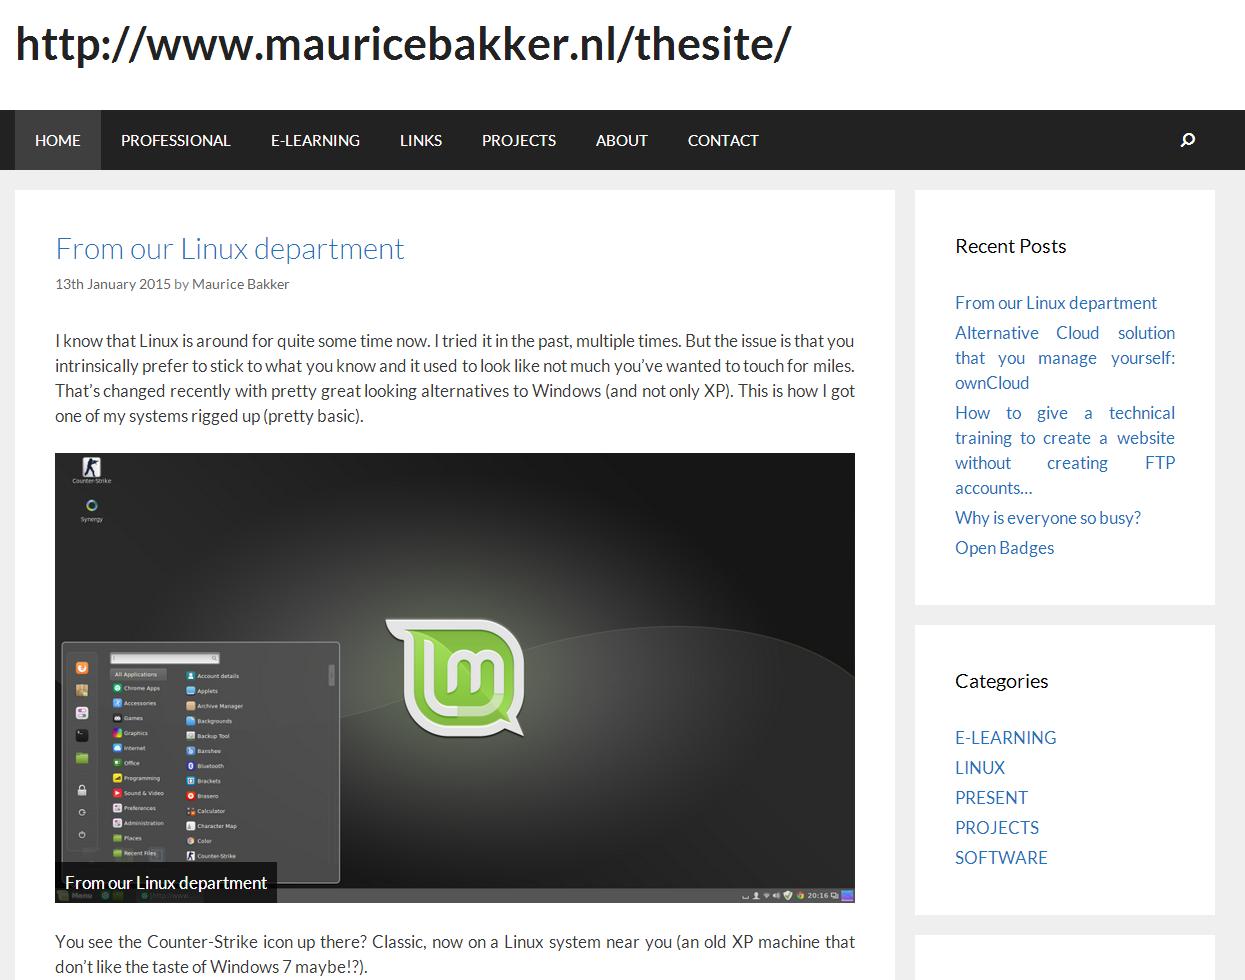 Maurice Bakker   A Personal Website